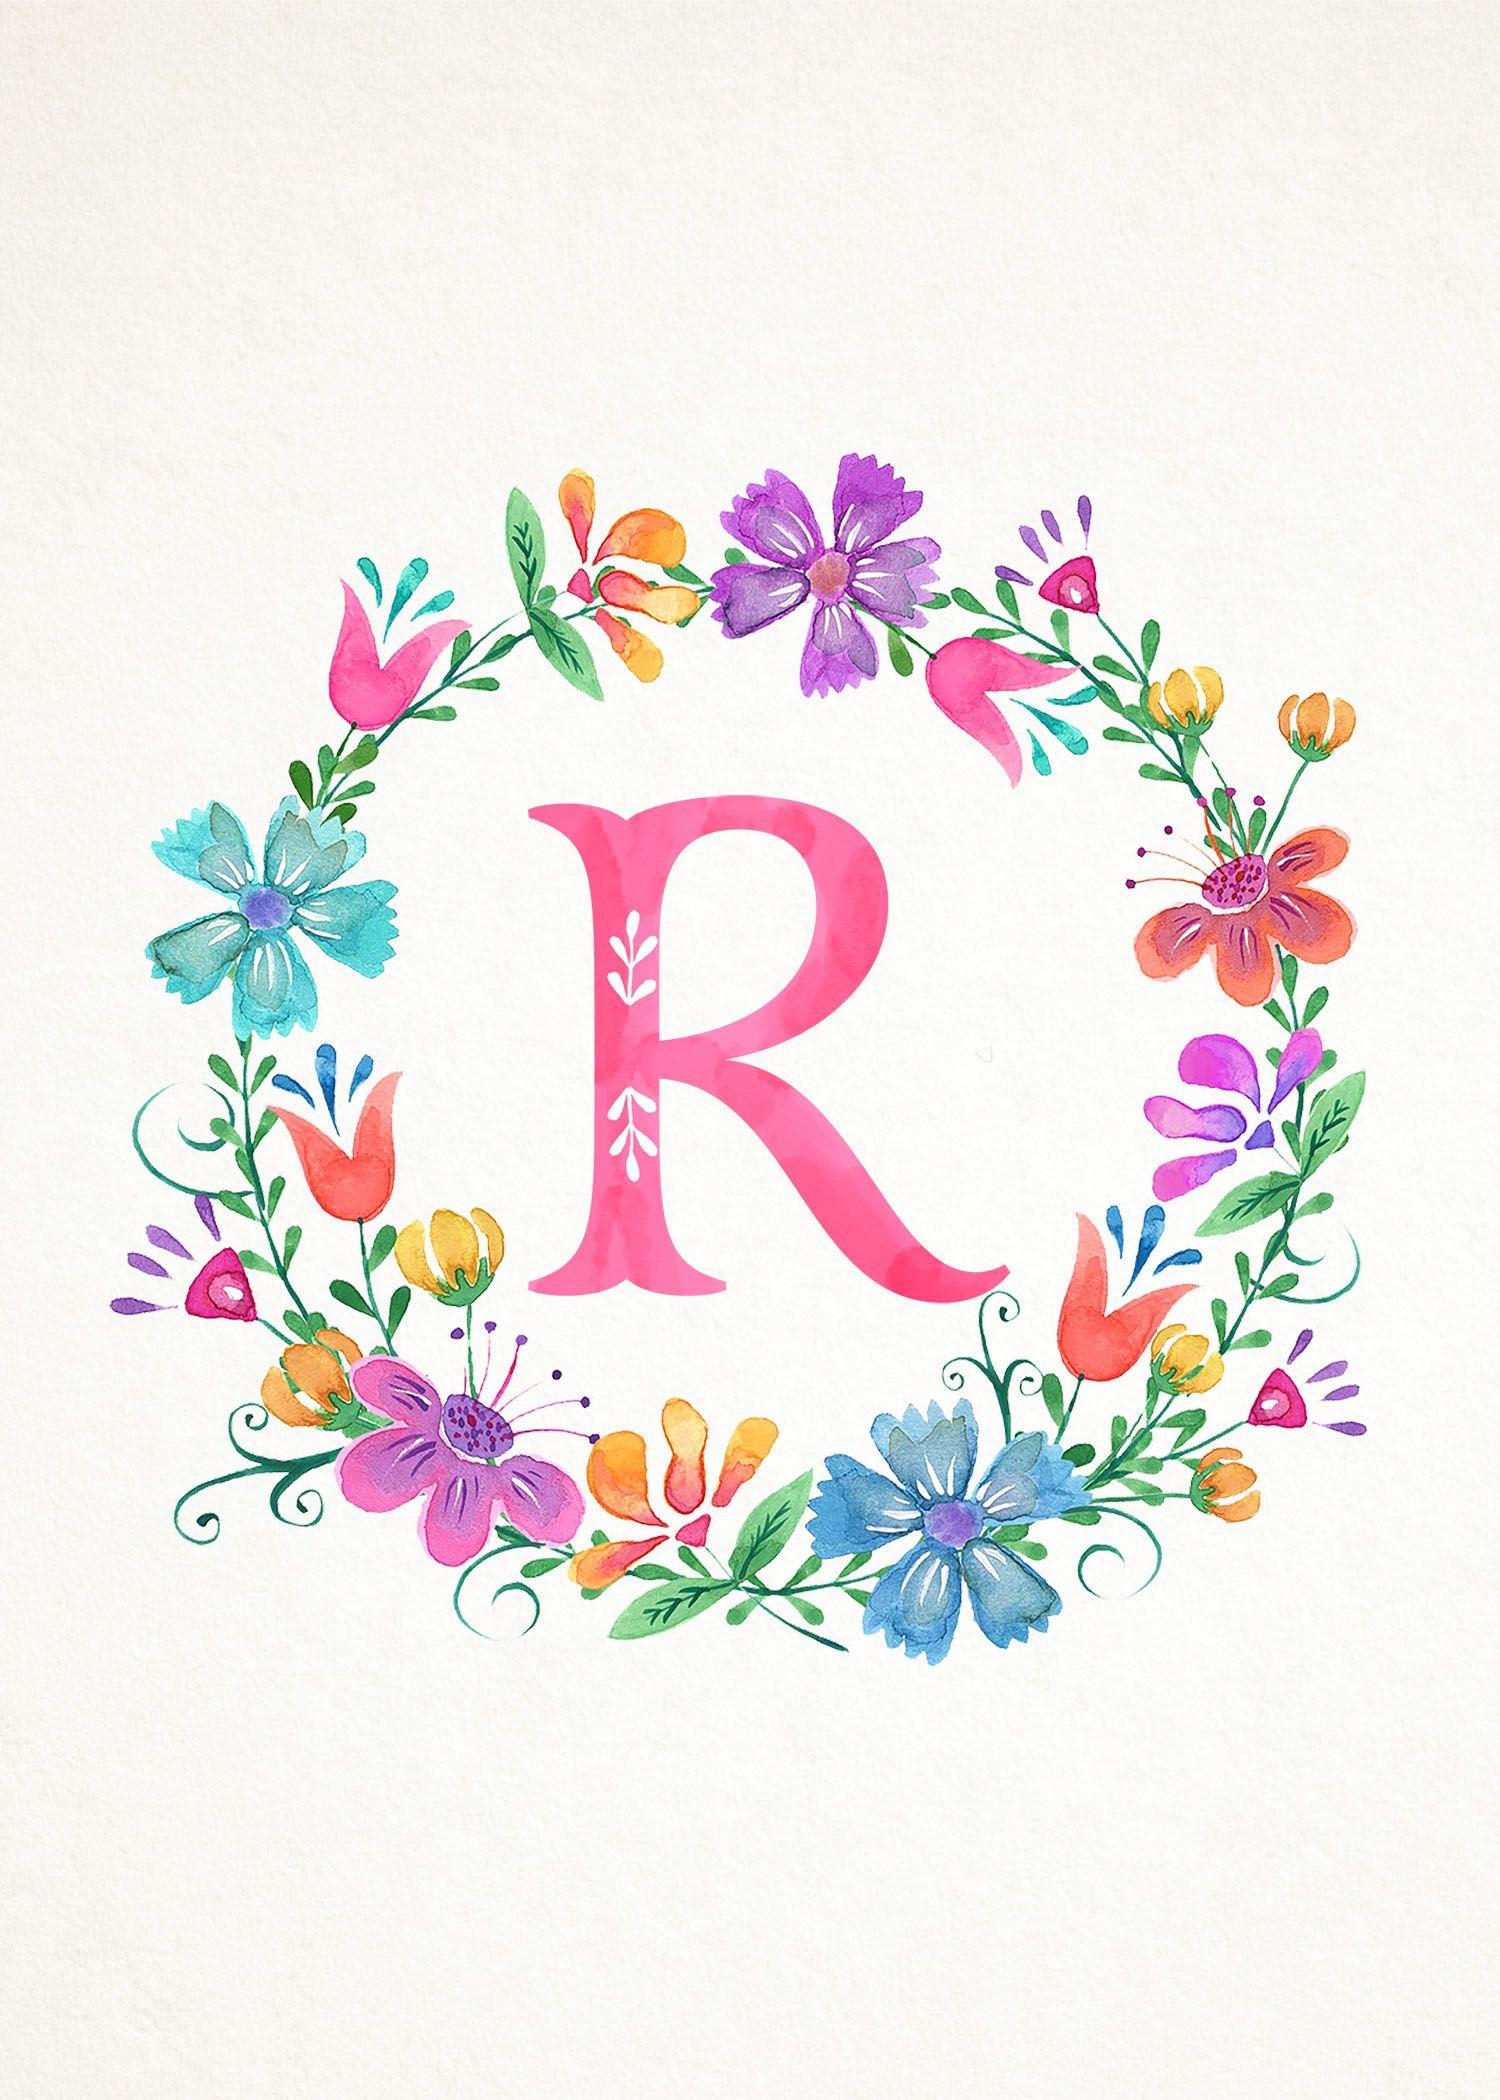 Tcm Floral Wreath Monograms 5x7 R Jpg 1 500 2 100 Pixels Lukisan Huruf Seni Surealis Seni Inspirasi